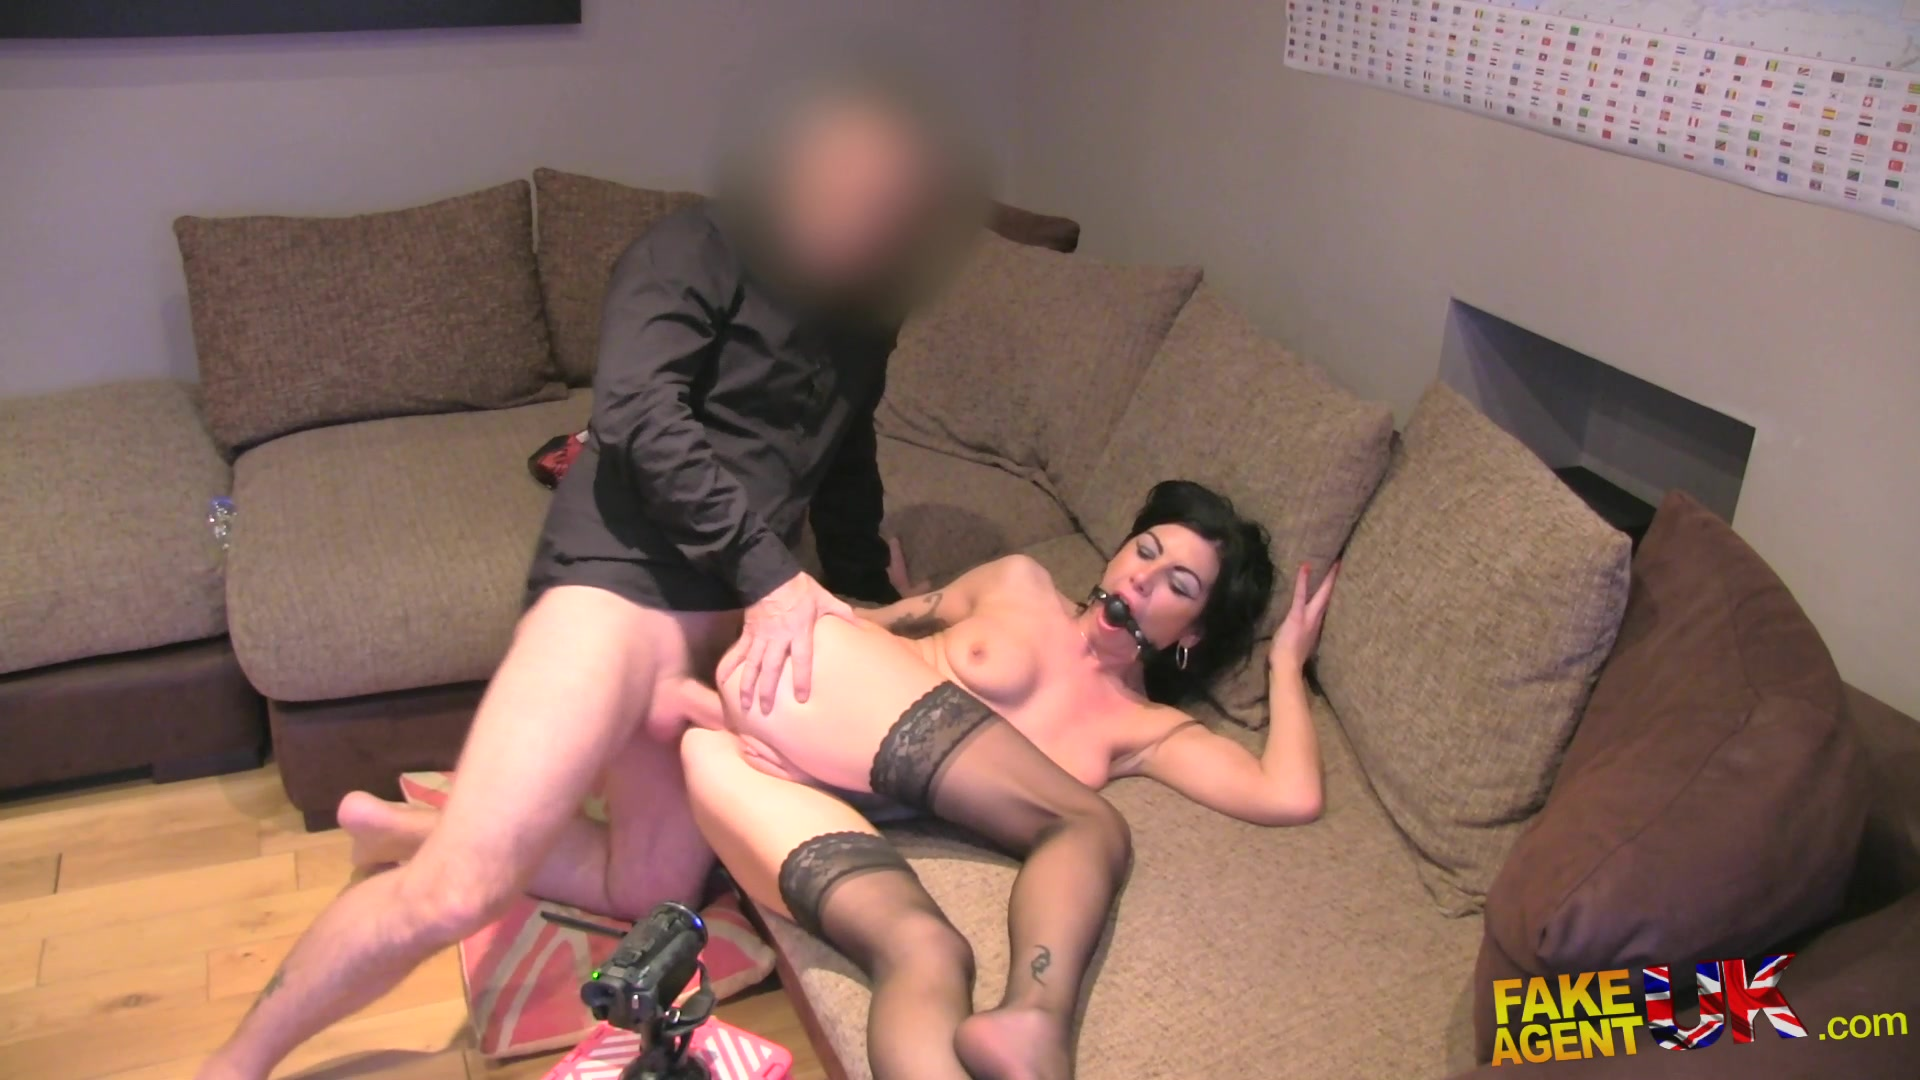 female agent онлайн порно hd